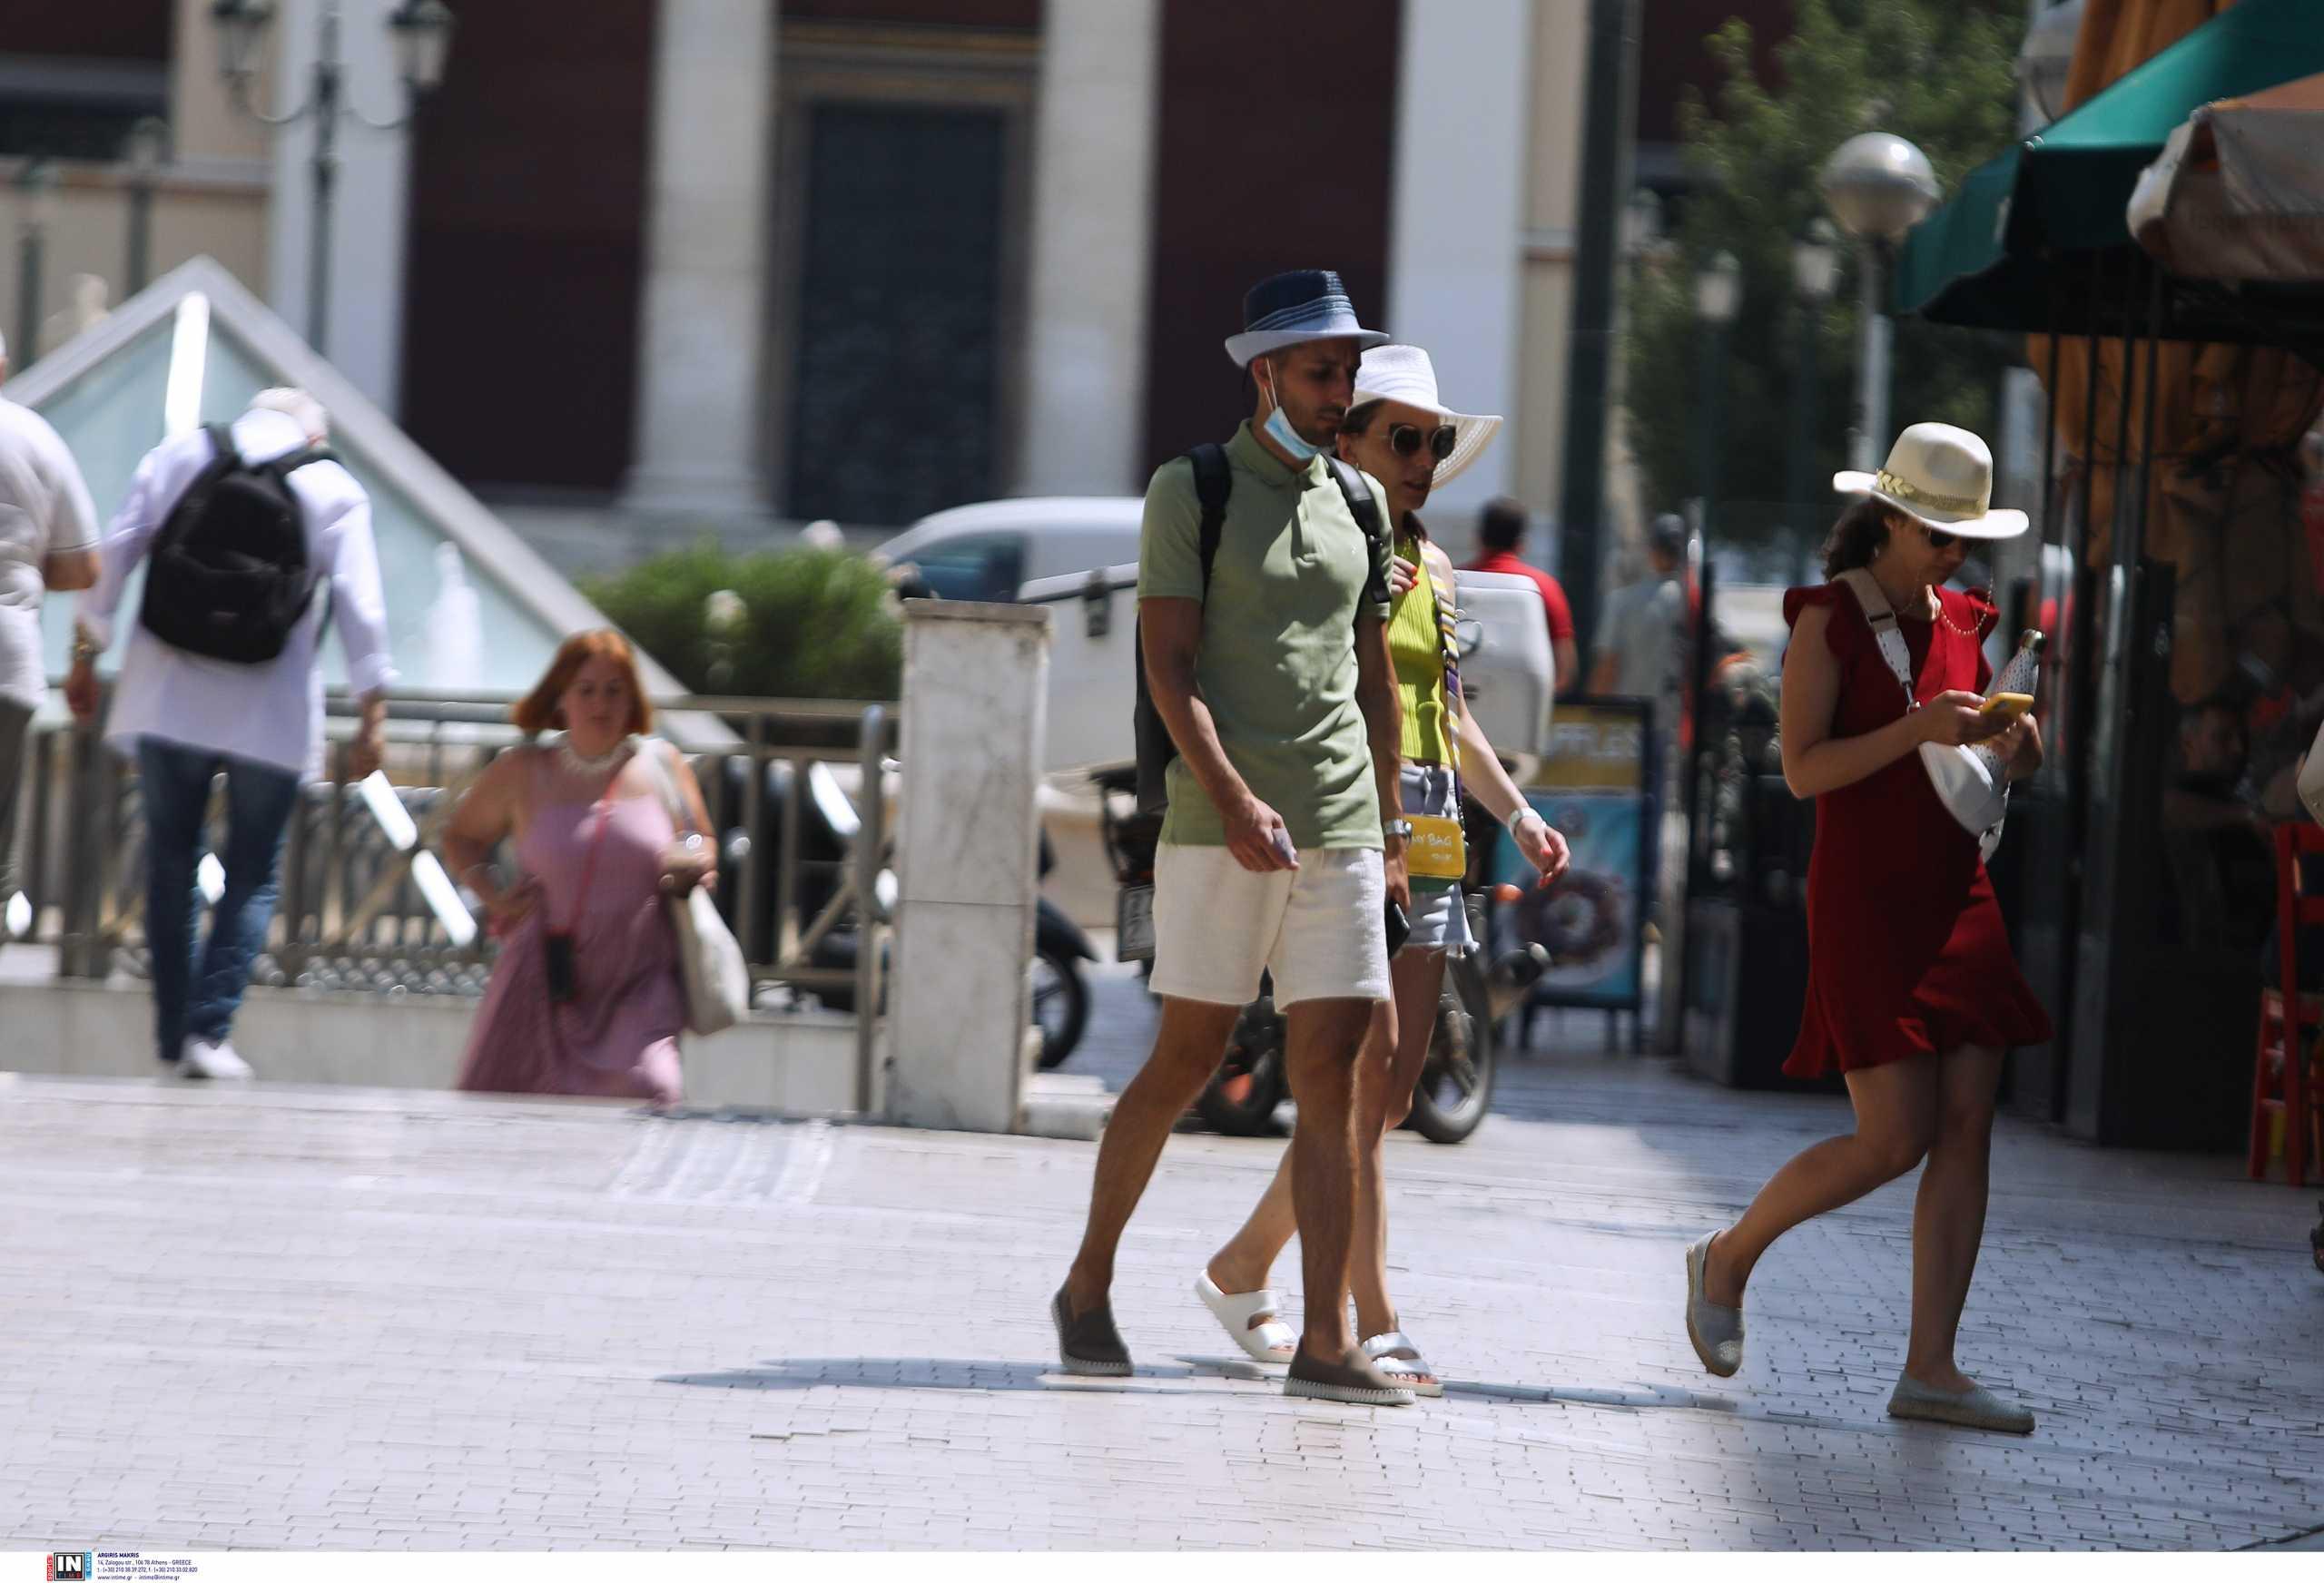 Νίκος Σύψας, η «επιστροφή»: Καλό είναι να μη γίνονται δηλώσεις ότι δεν θα ξανακλείσει η χώρα